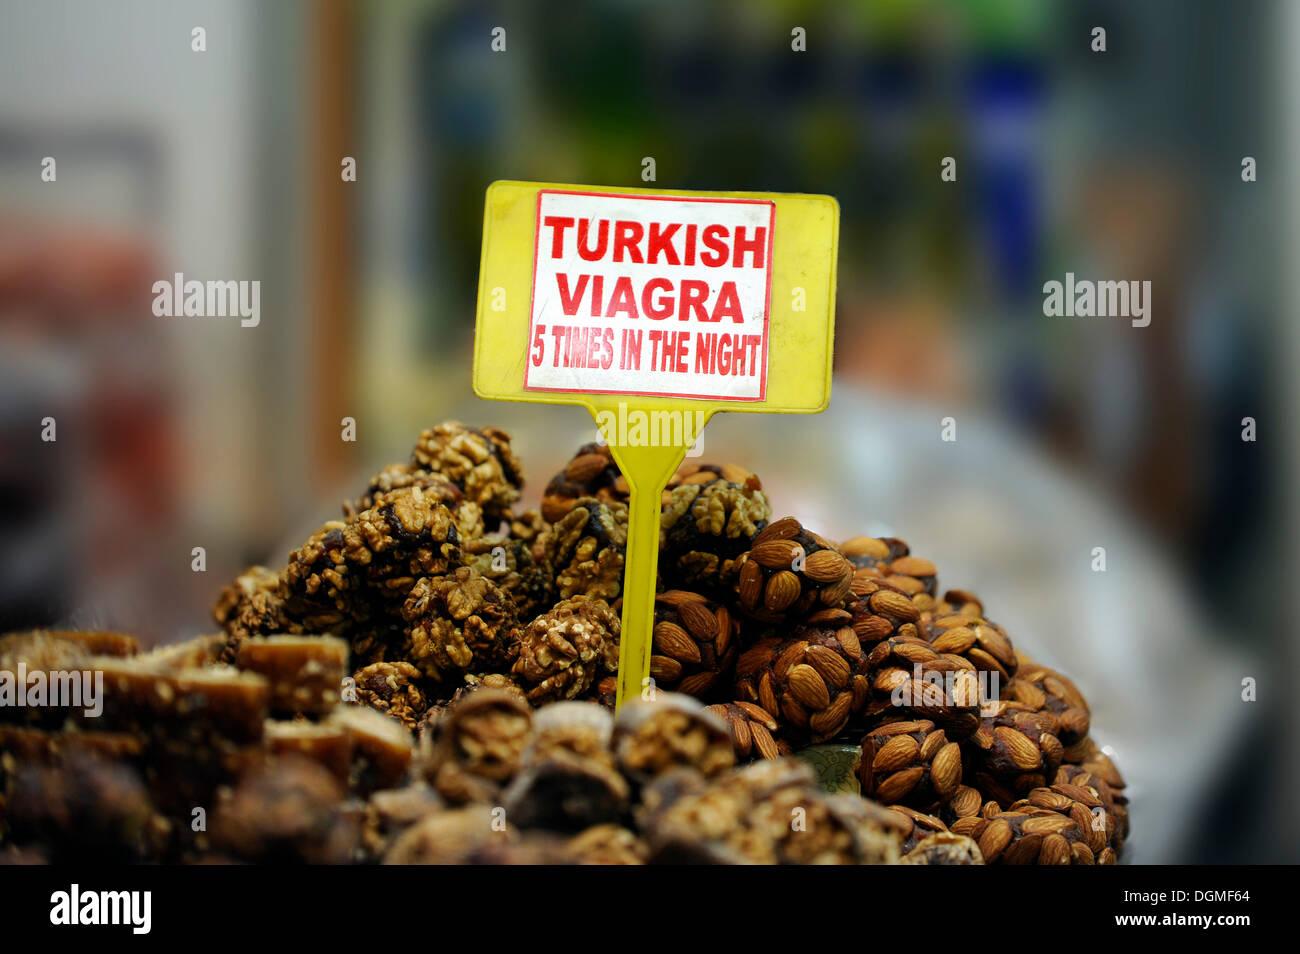 Turkische viagra